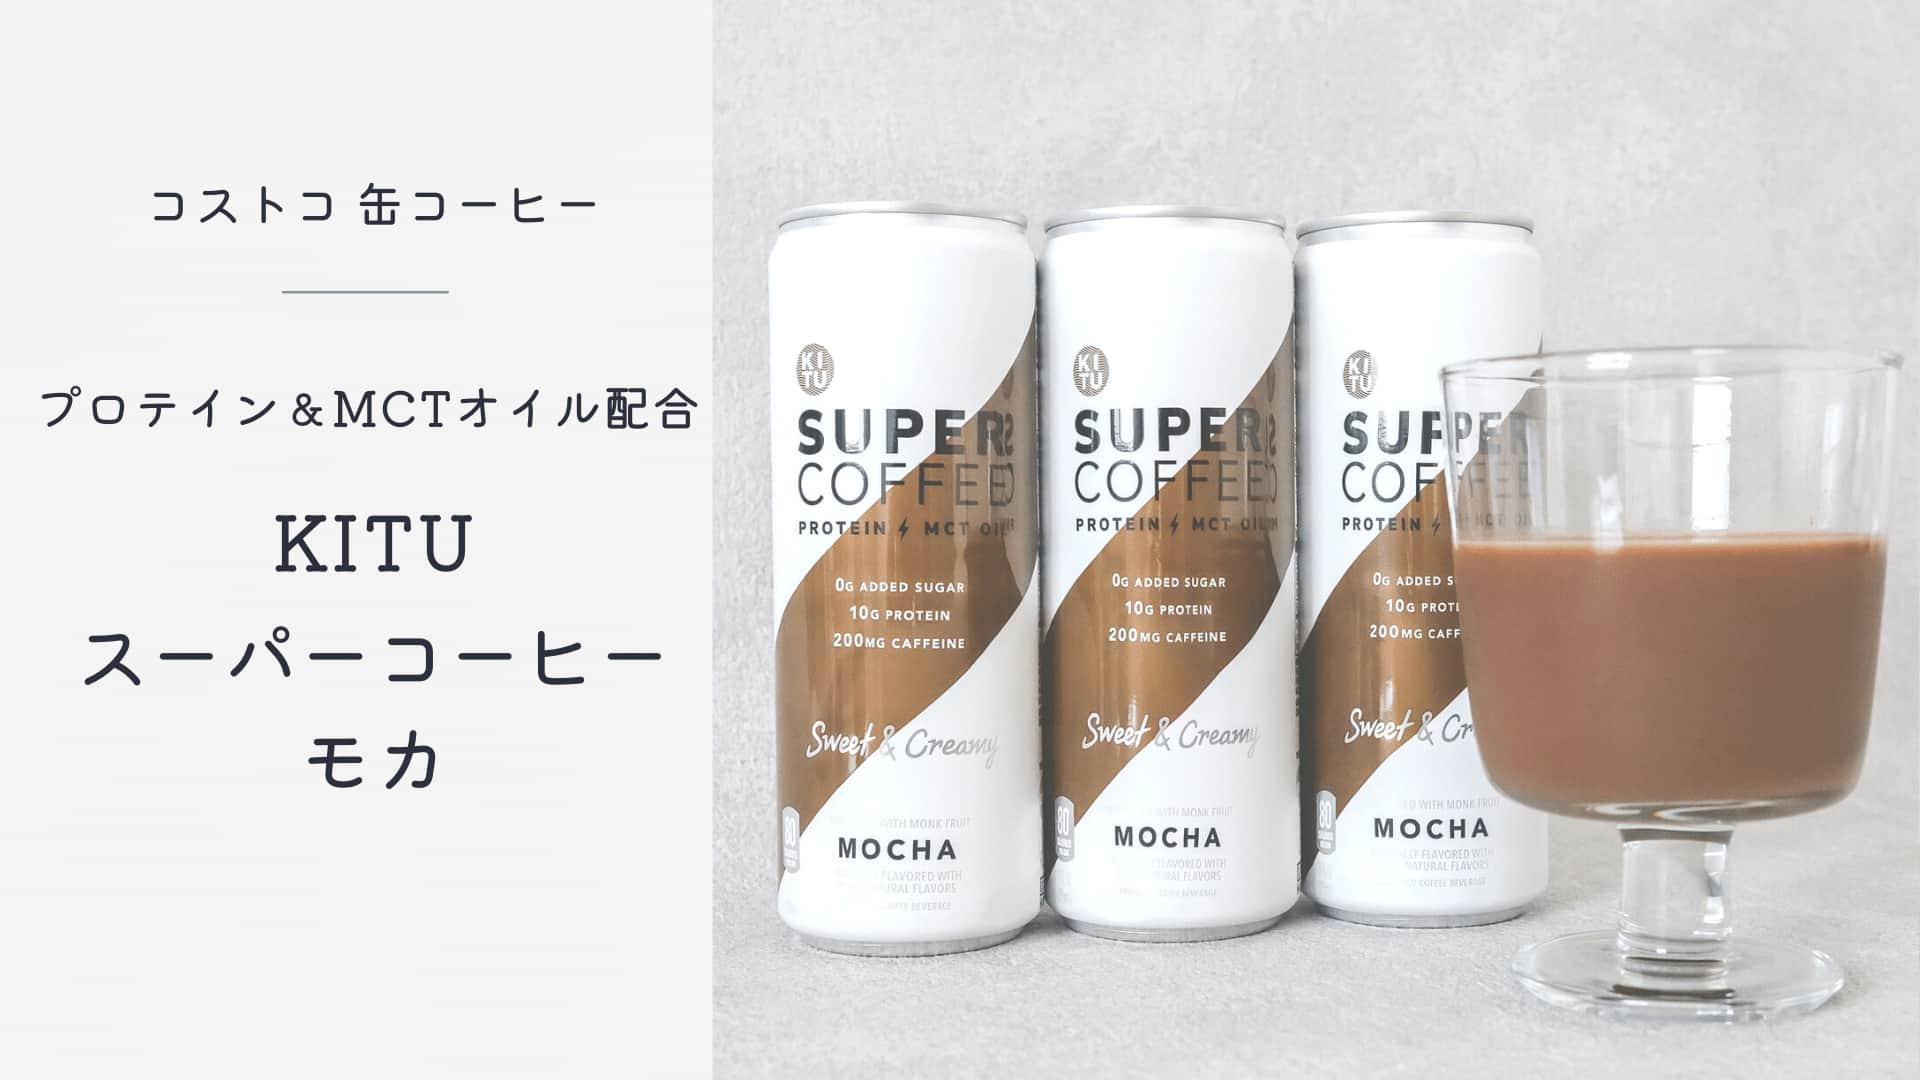 KITUスーパーコーヒーモカサムネイル